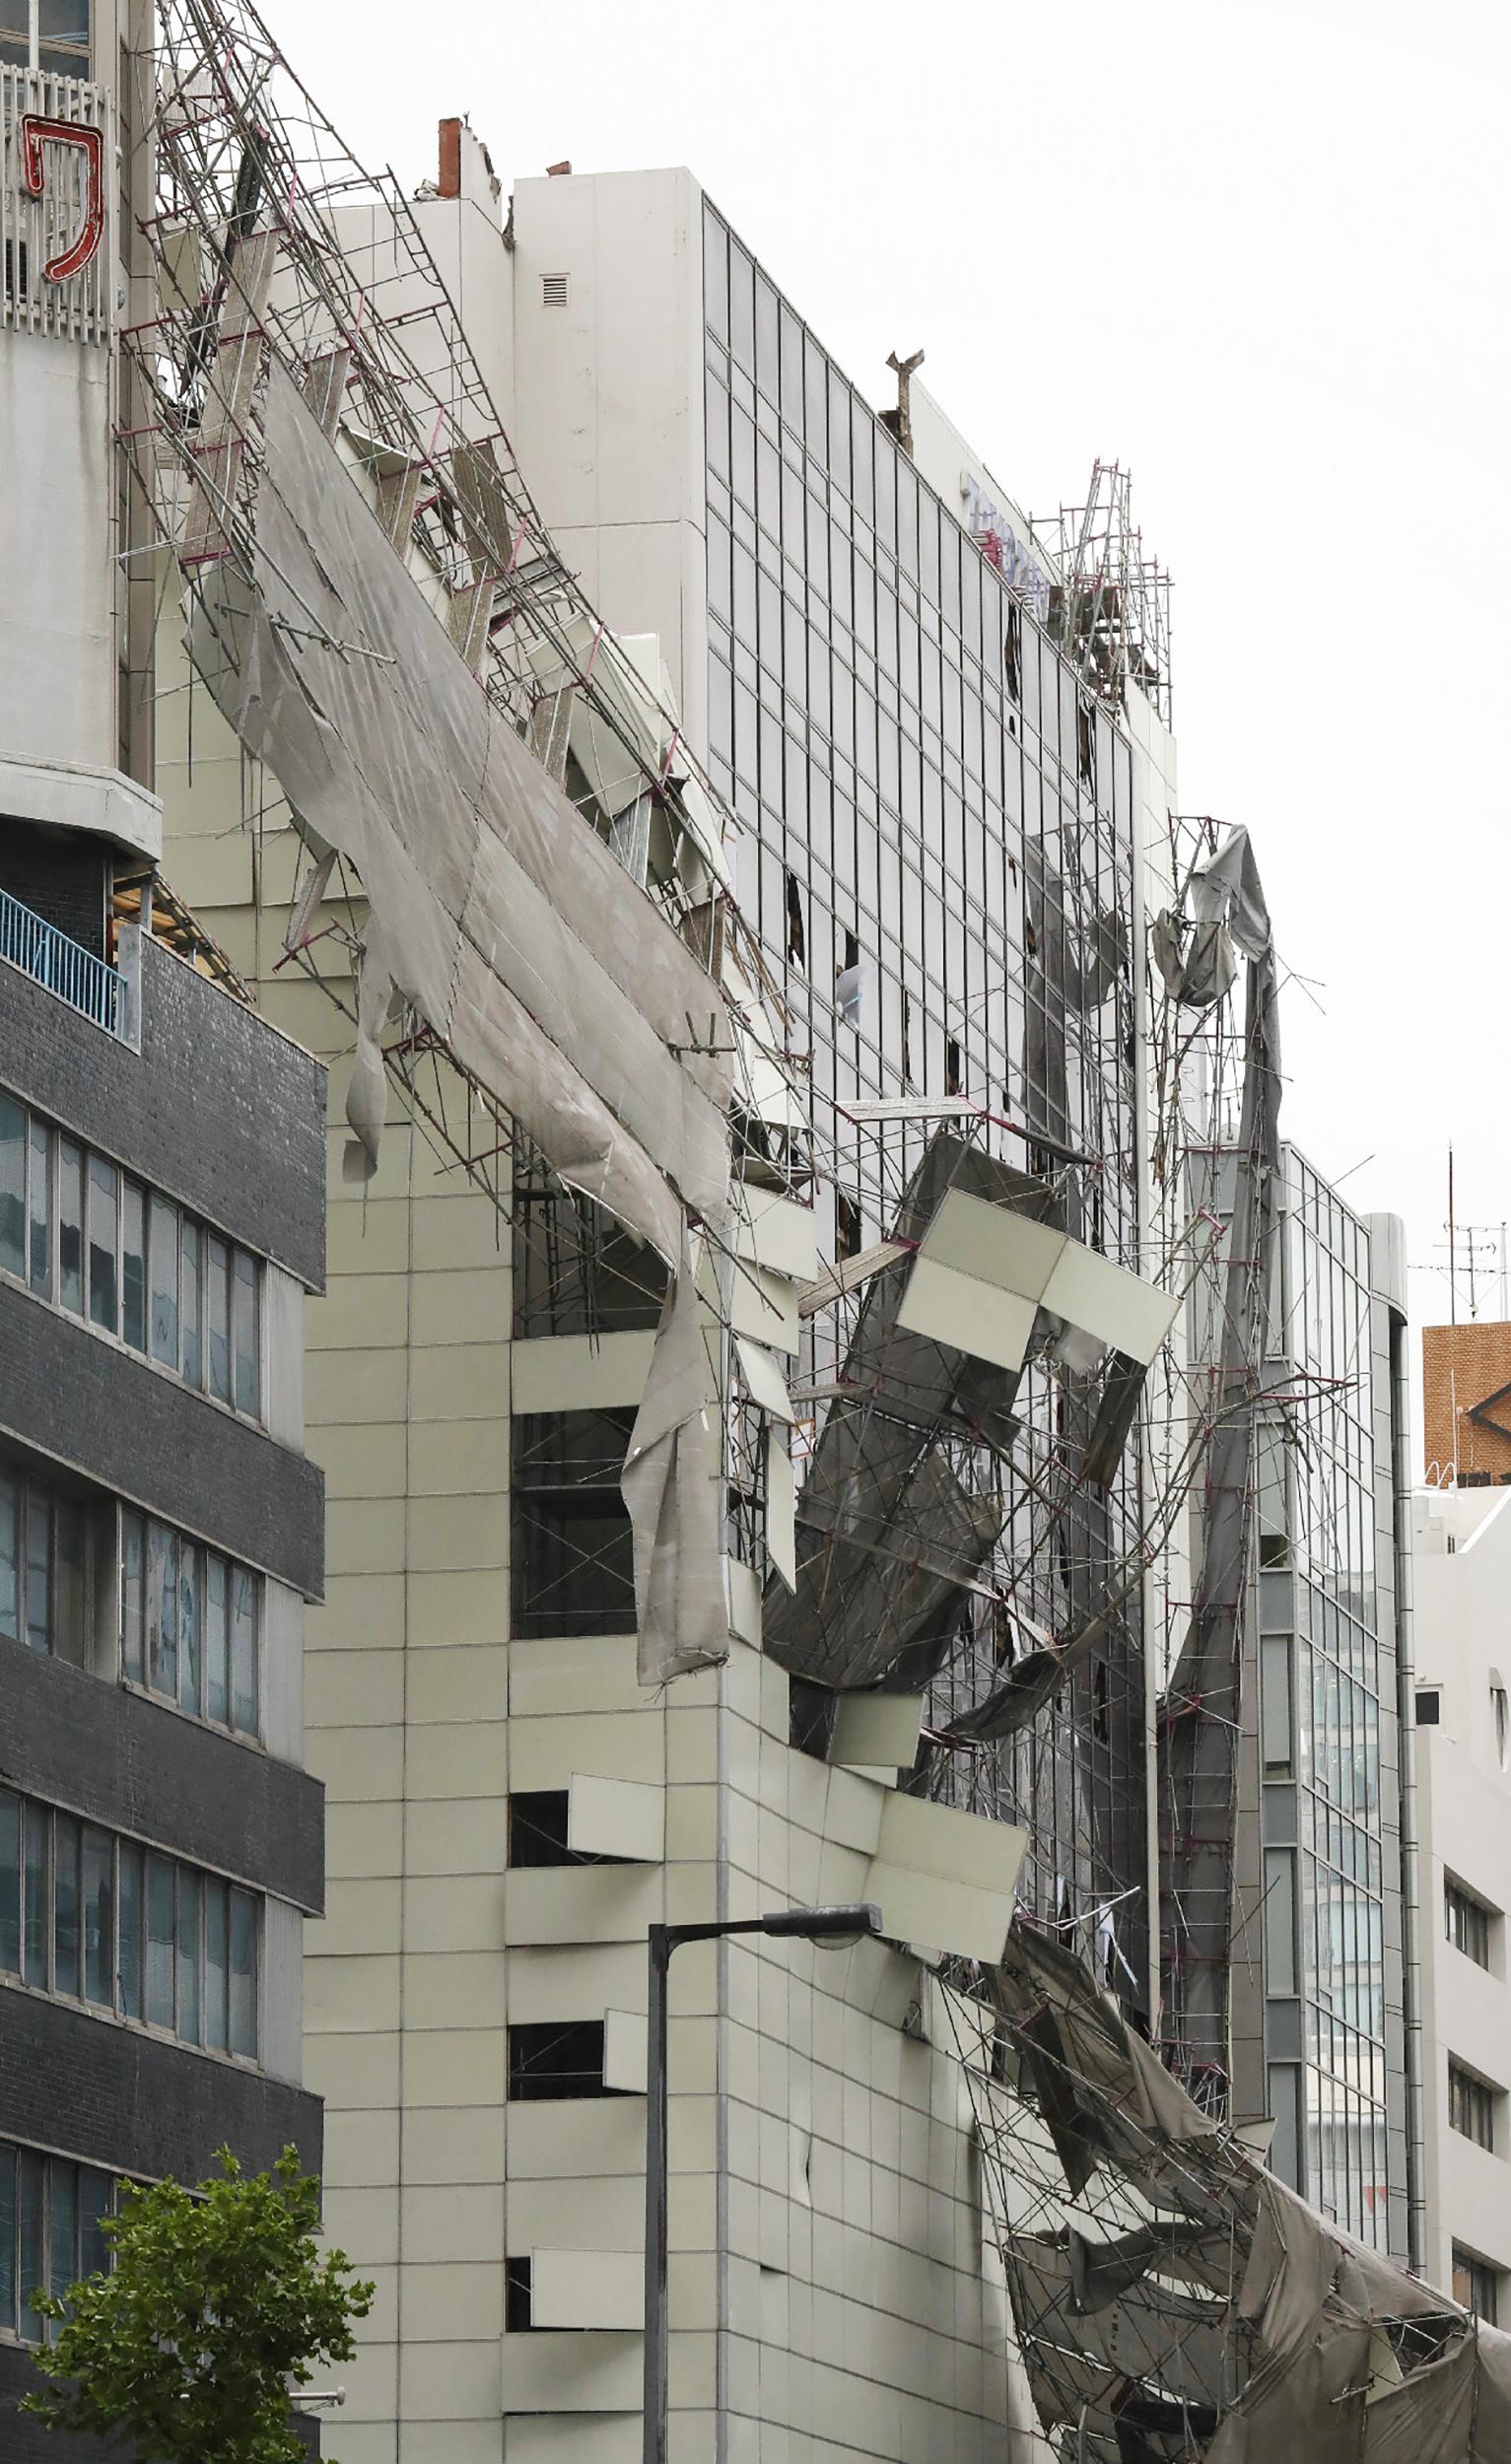 """ضرب الإعصار """"جيبي"""" ترافقه رياح عاتية قد تصل سرعتها إلى 216 كلم/ساعة . إعصار اليابان"""